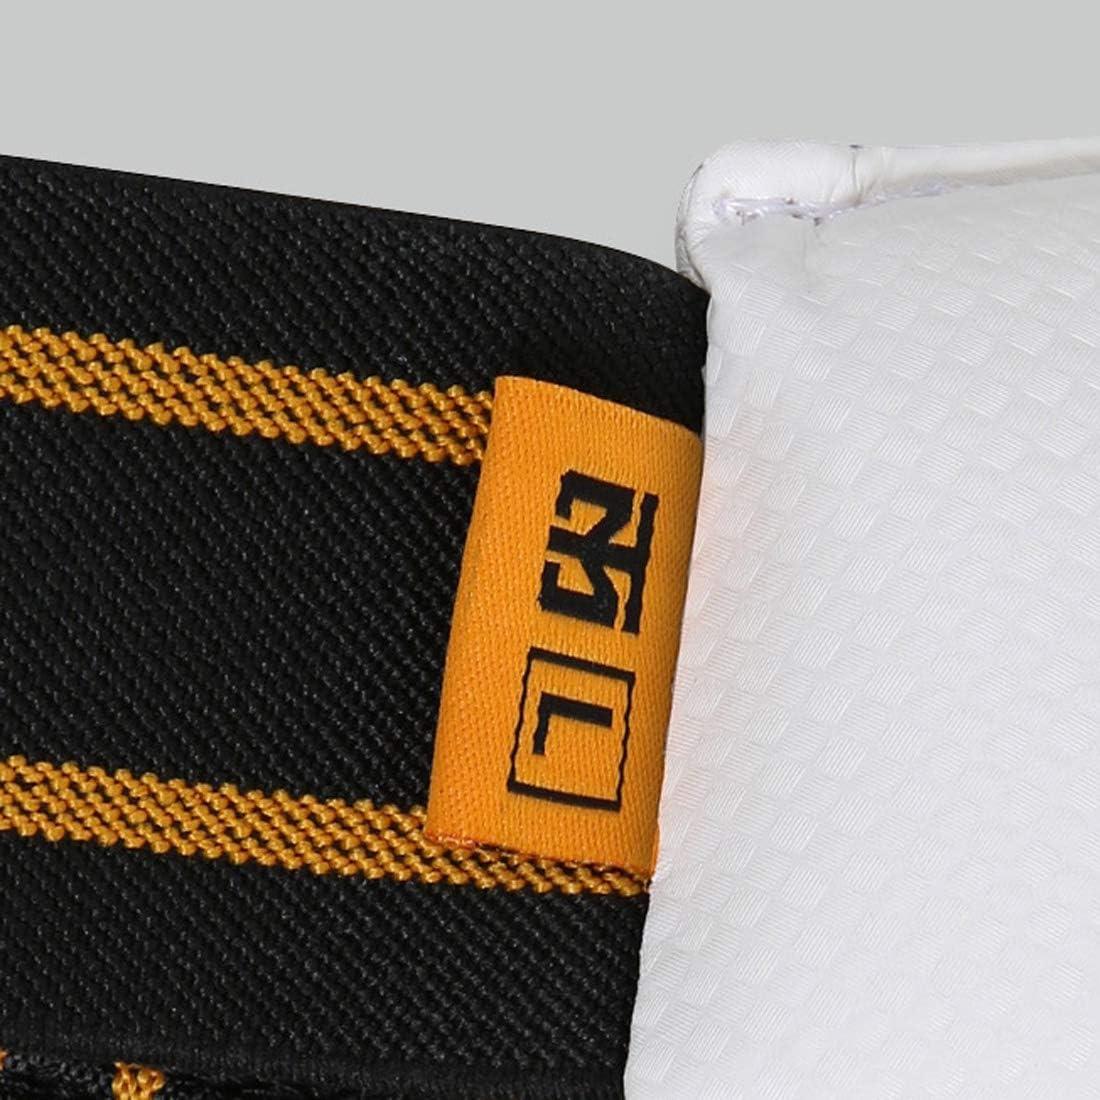 Mooto Korea Taekwondo MTX Protecteur d/âme pour la Garde Masculine WTF approuv/é pour Les Hommes XS /à XL Arts Martiaux MMA Karat/é Kickiboxing Pr/évention des blessures